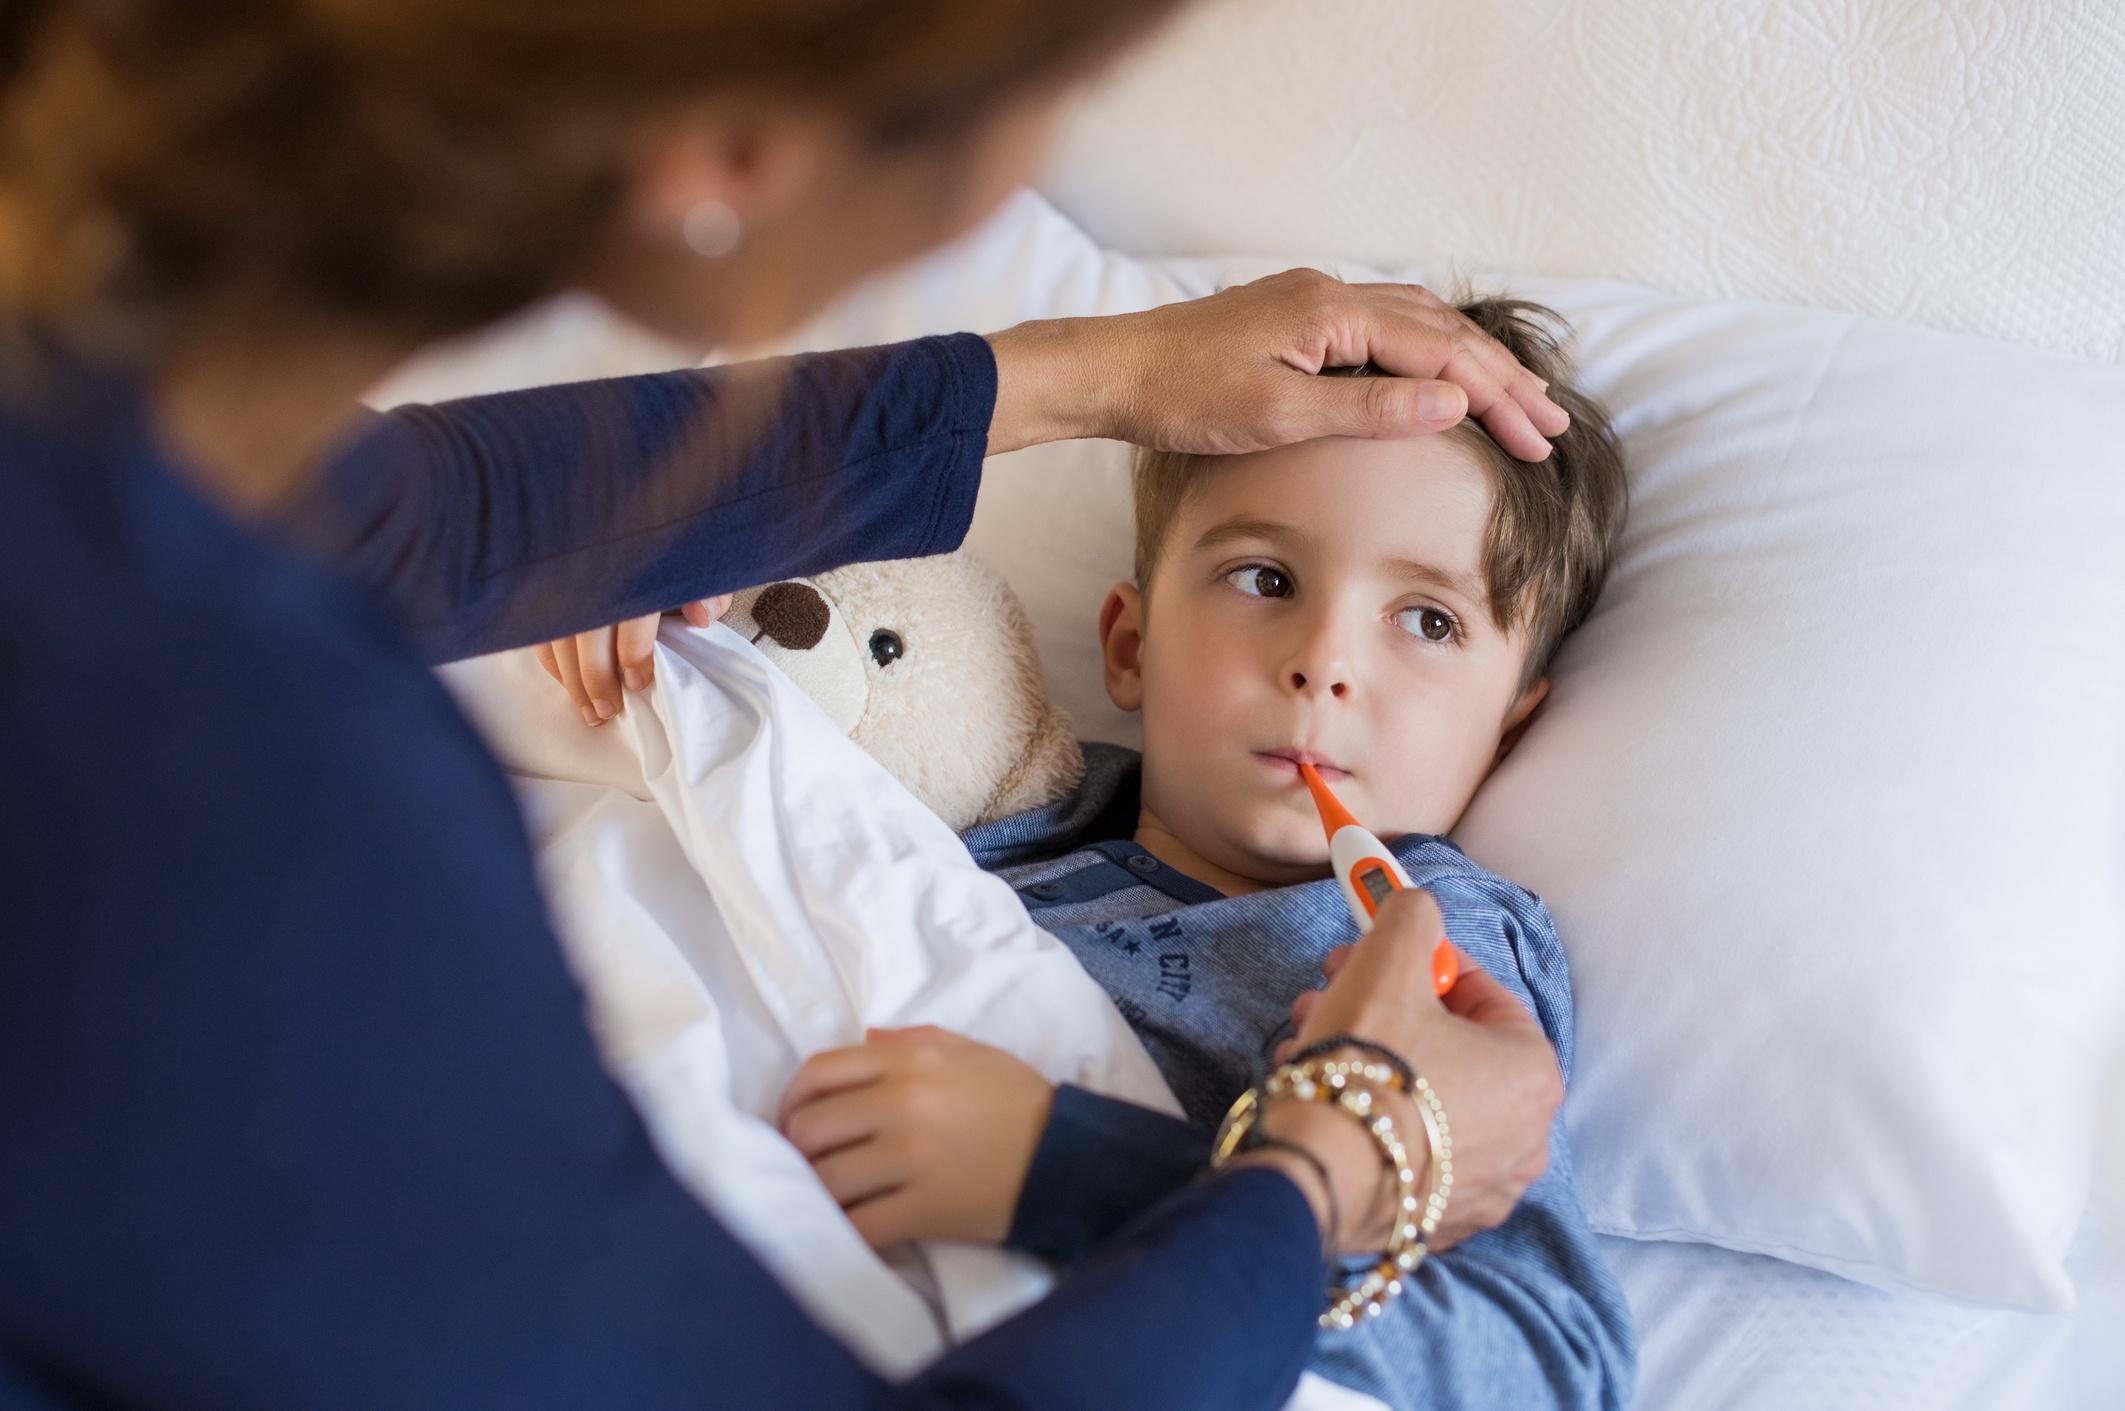 COVID-19 e sintomas raros em crianças